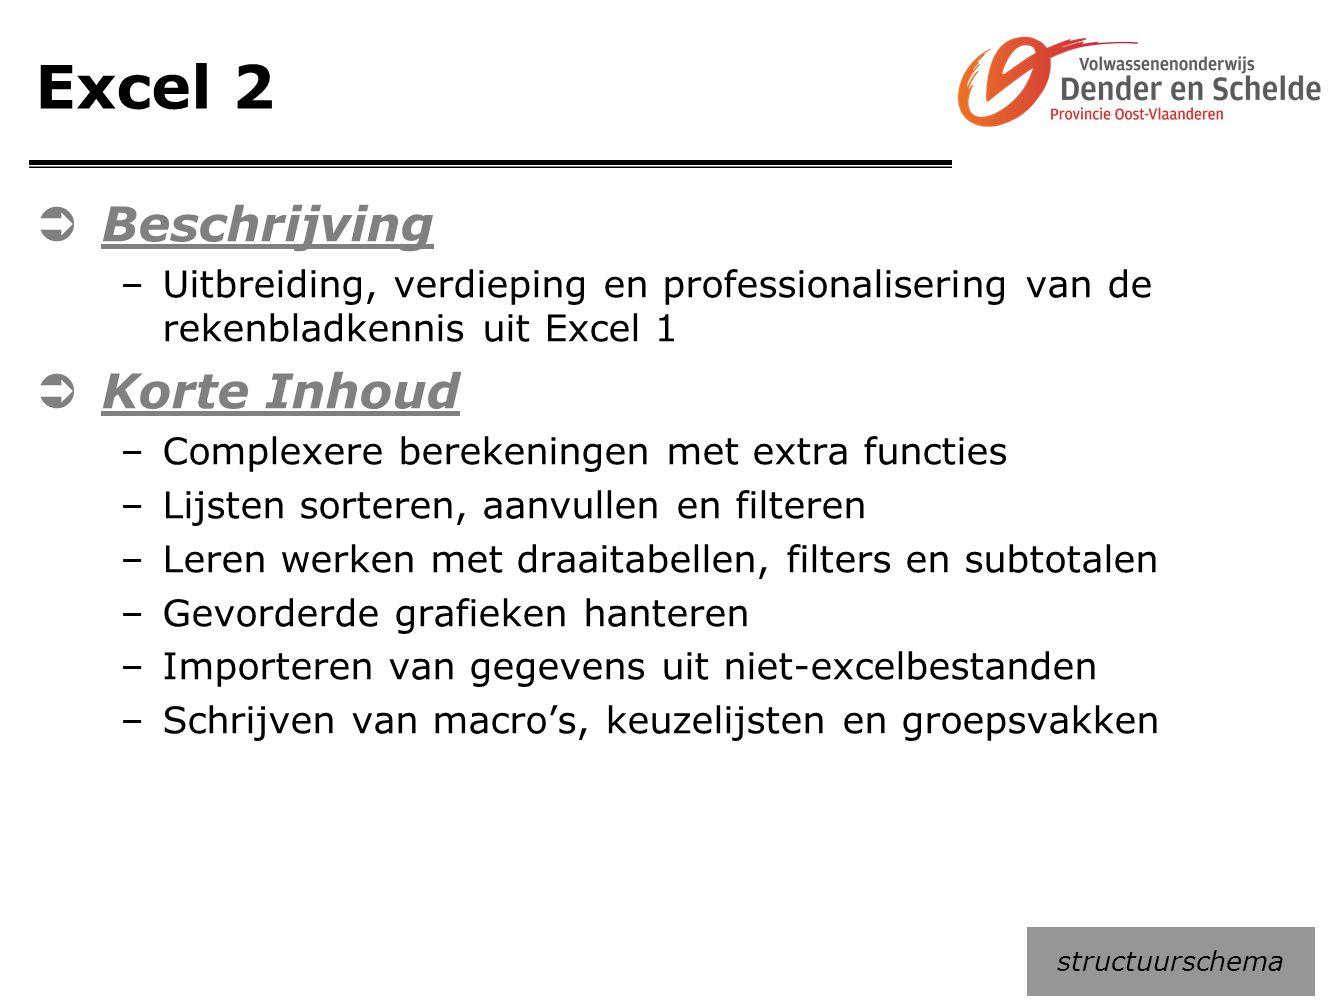 Excel 2 Beschrijving Korte Inhoud